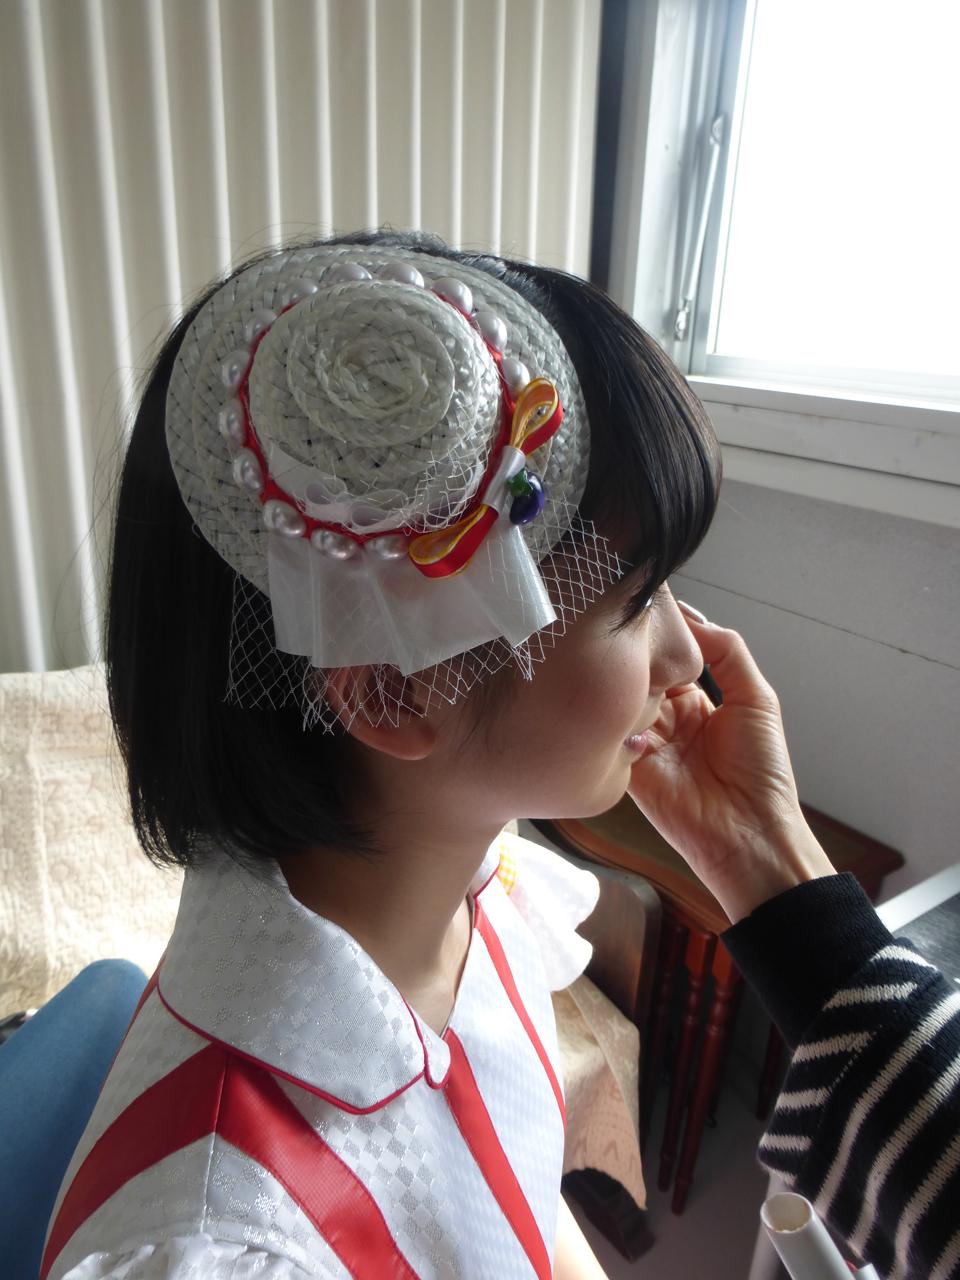 Kalau ini, dilihat sampai kapanpun ya cantik……. forum kepala. (Kiina)